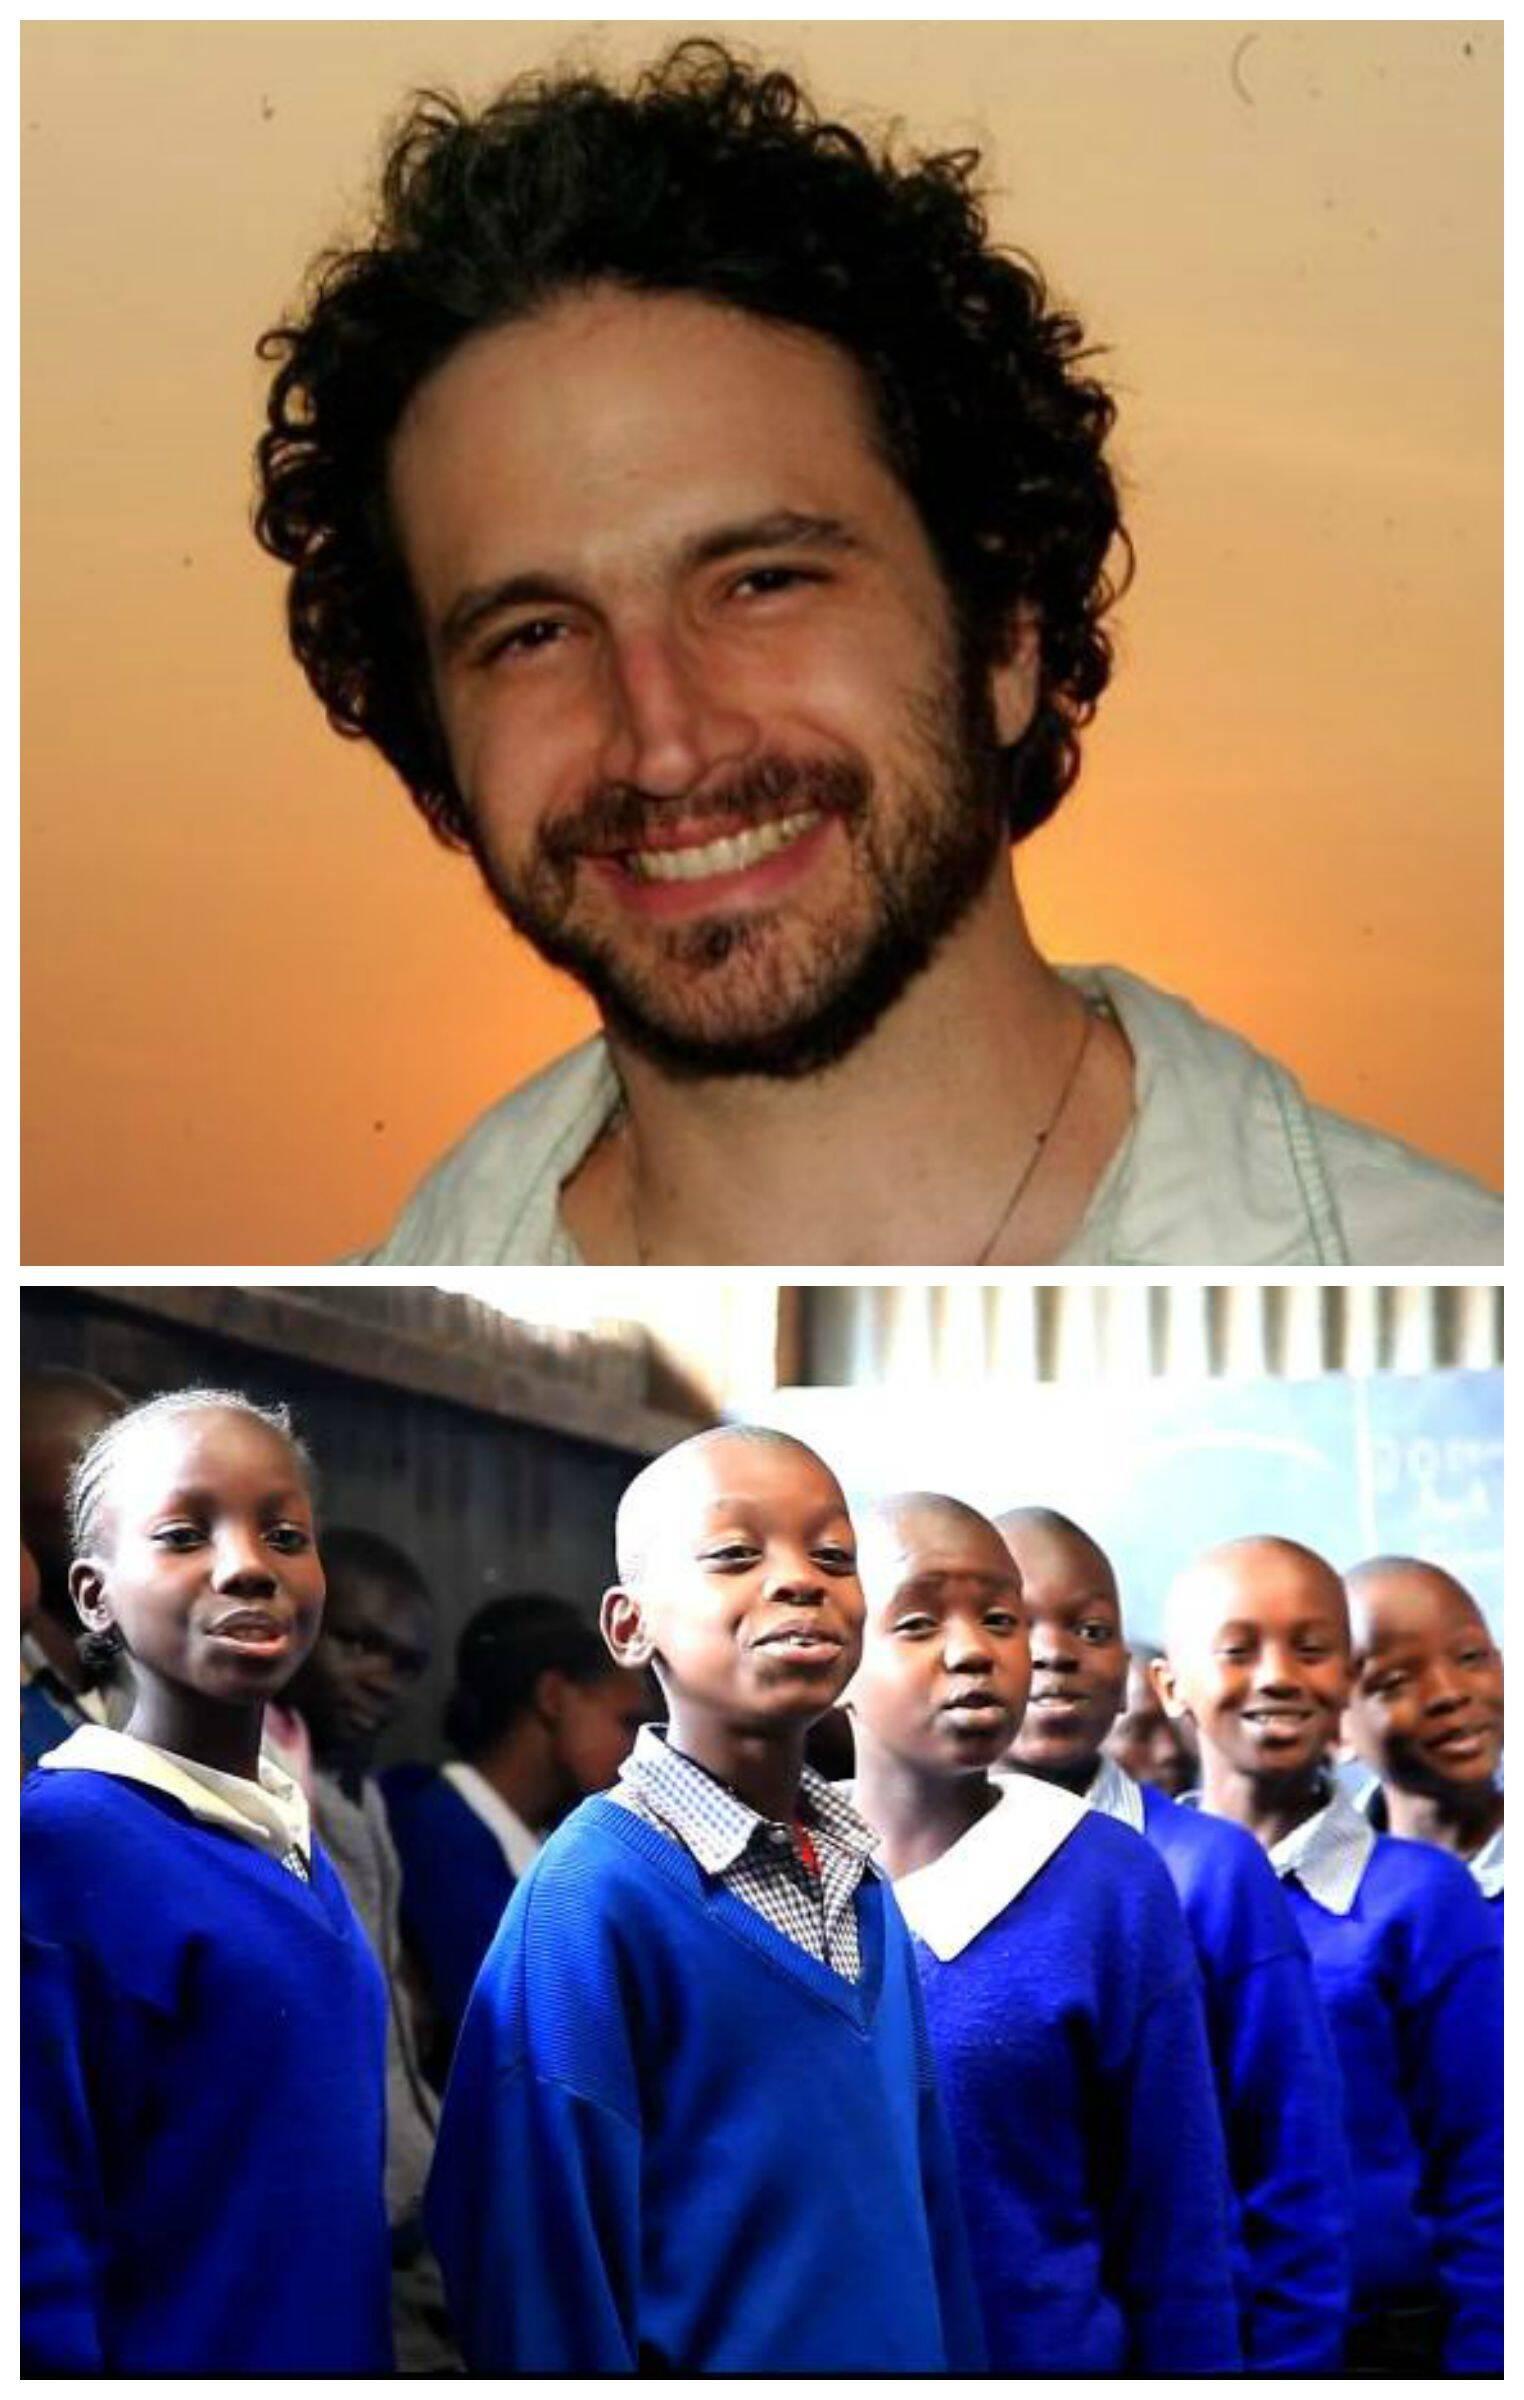 Caco Ciocler, no alto, e as crianças do coral da escola africana Gatoto, no Quênia / Foto: reprodução da internet